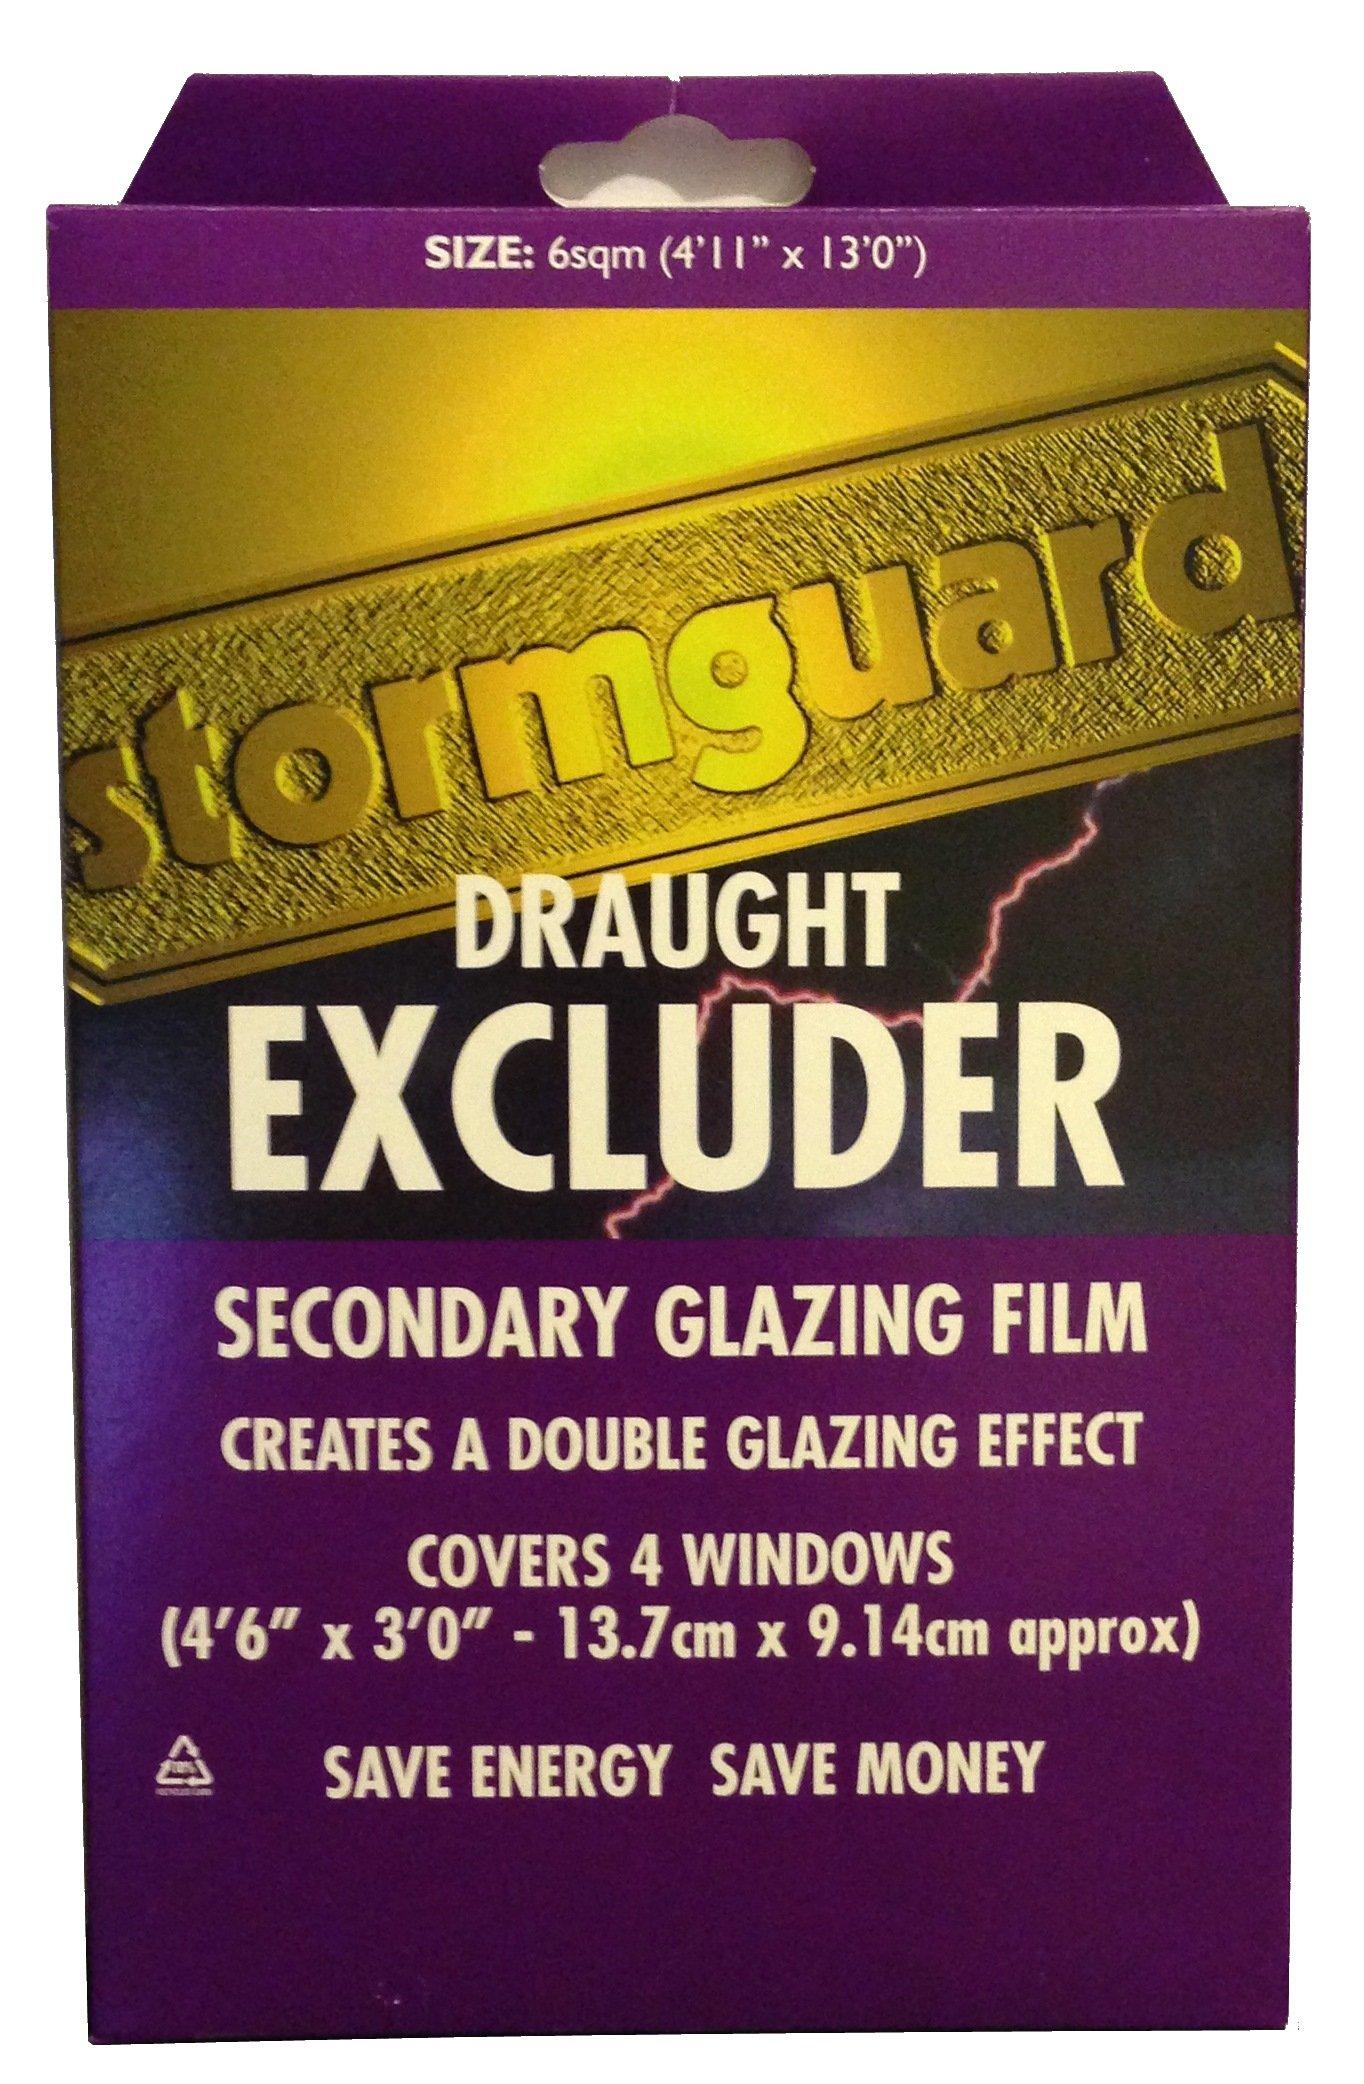 Stormguard pellicola isolante per finestre 6 m ebay - Isolante per finestre ...